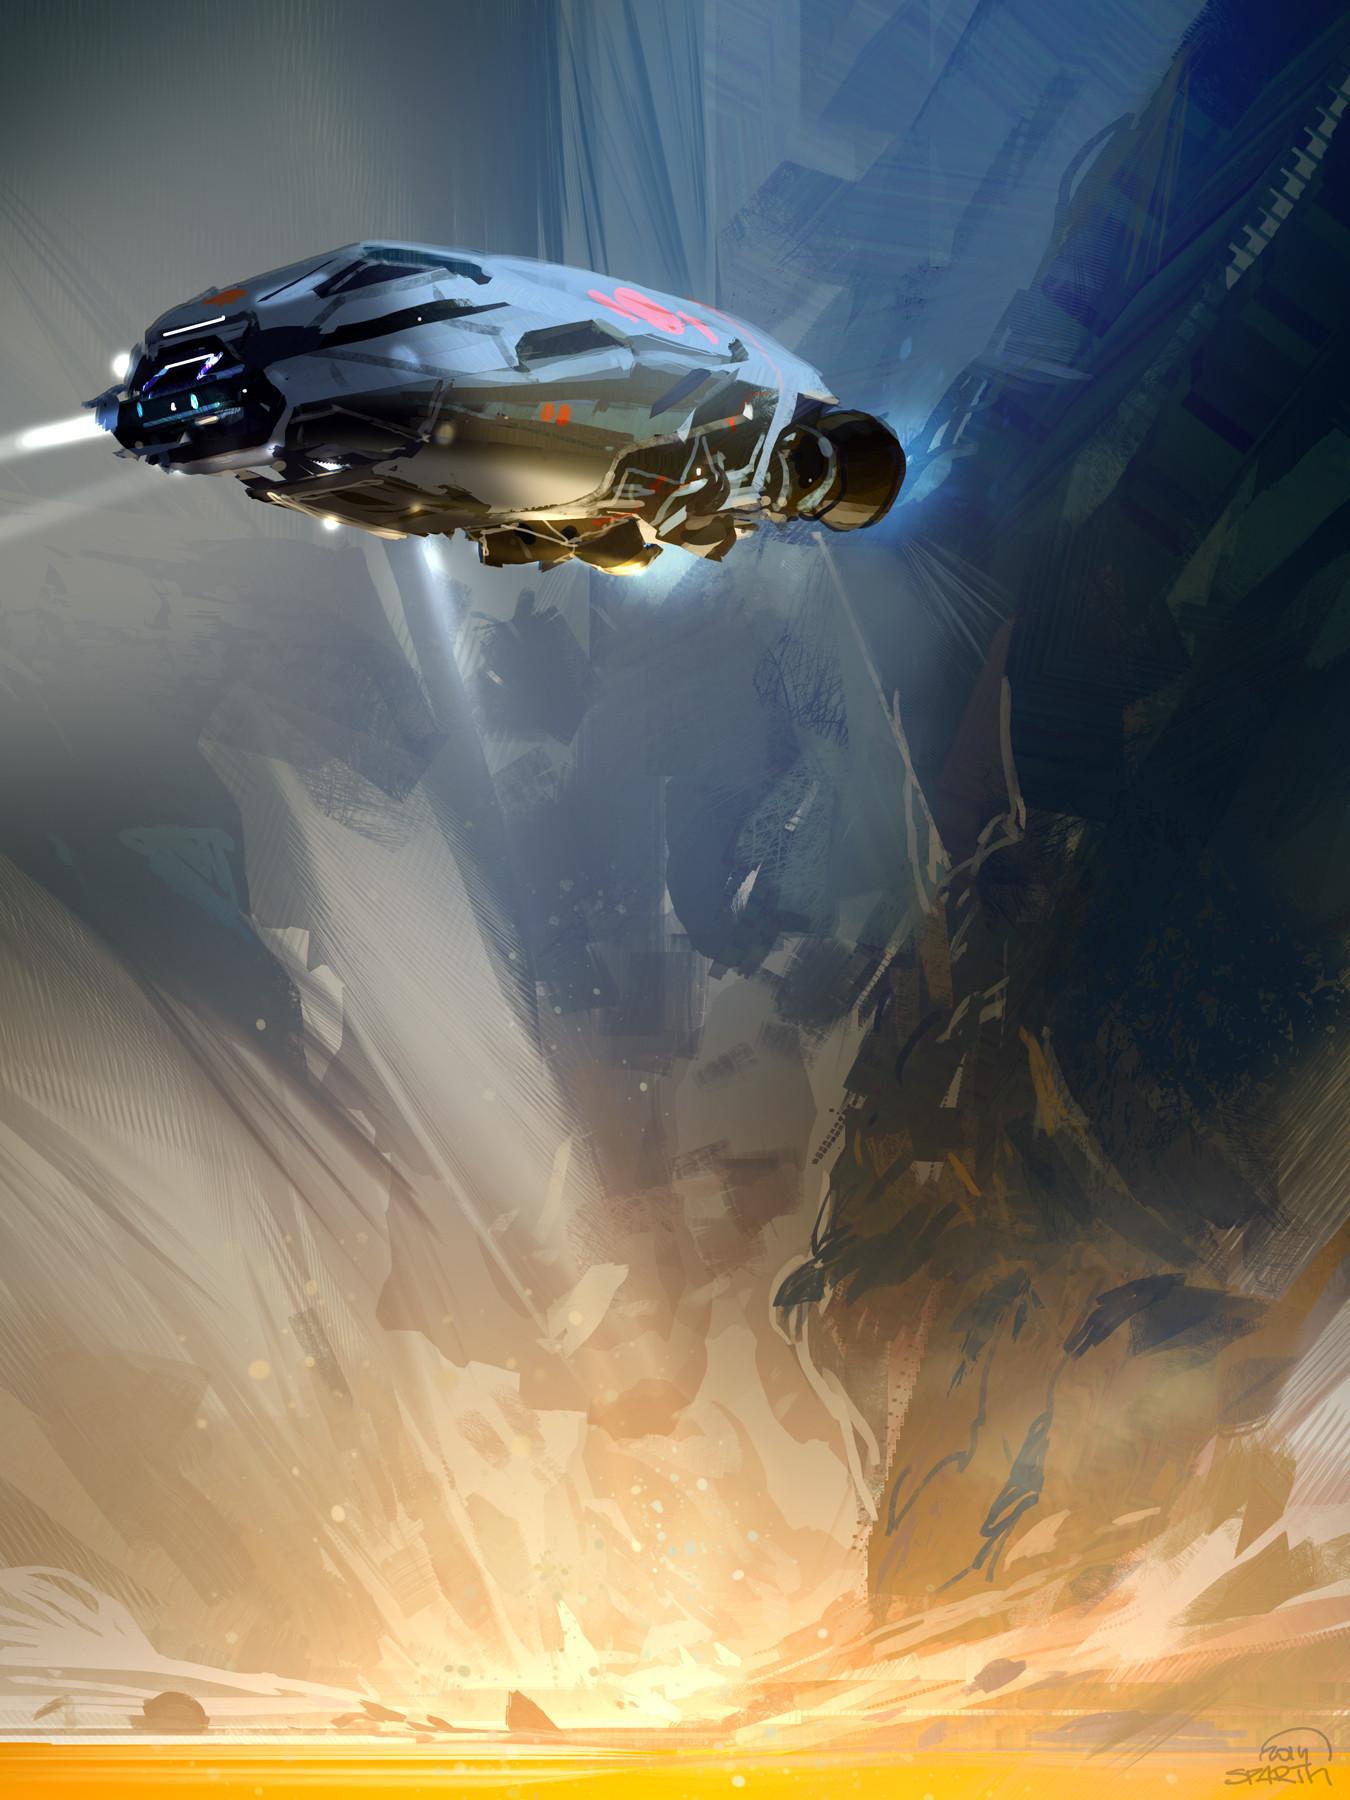 Sparth lava spaceship 2014